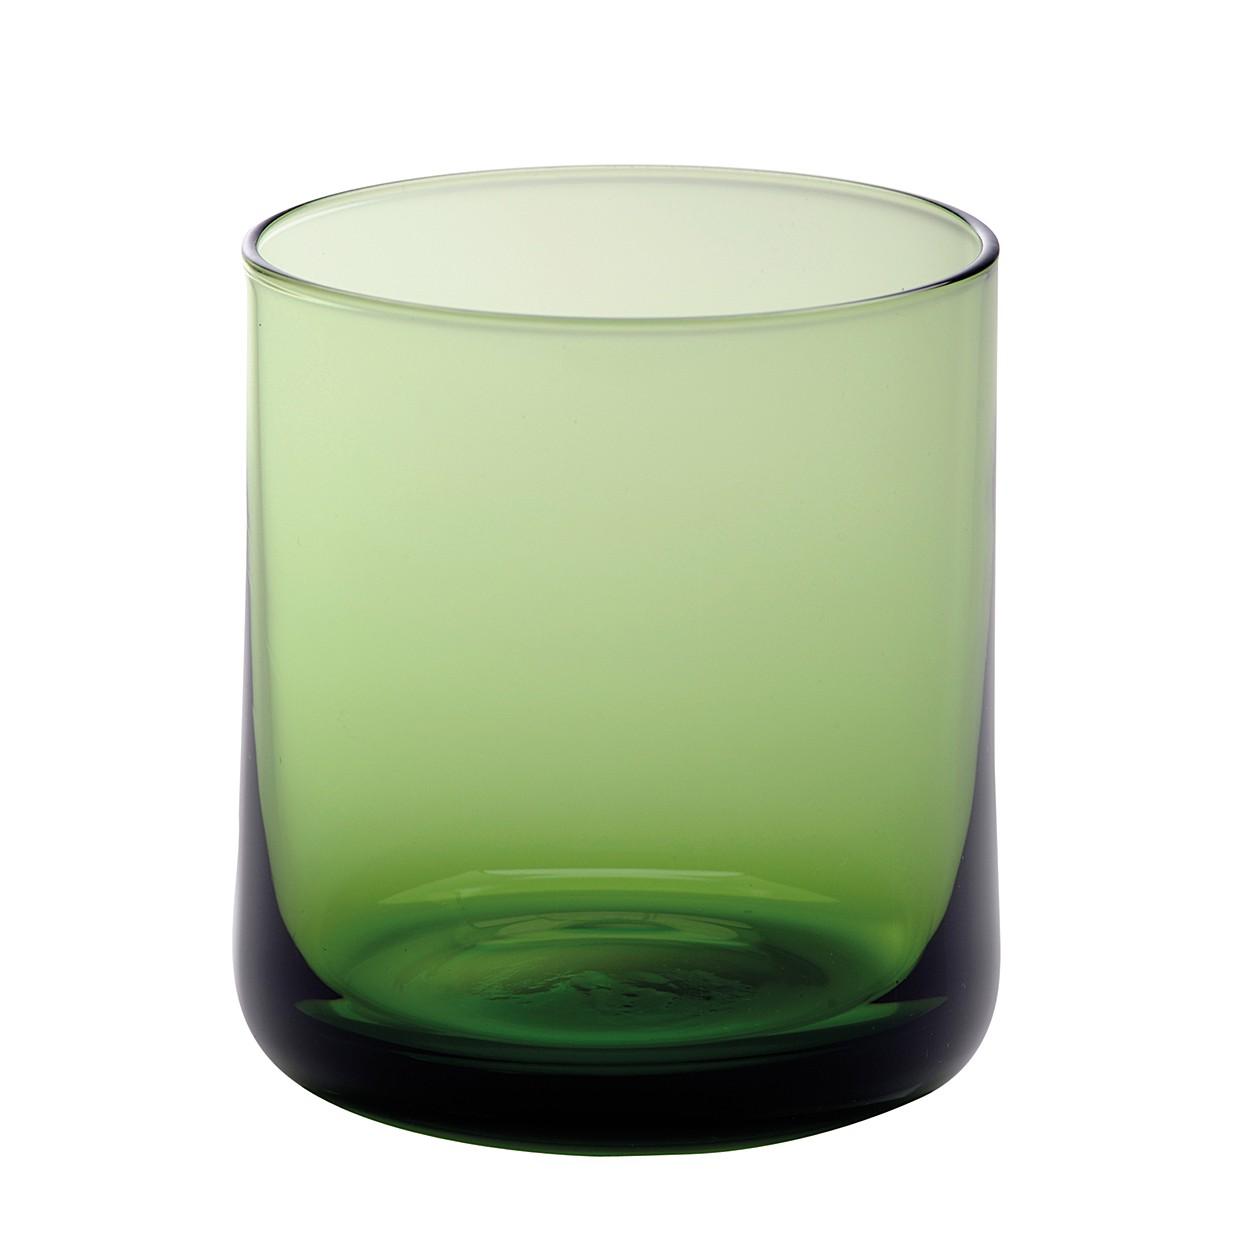 Trinkglas Bloom (6er-Set) – Glas – Grün, BITOSSI HOME online kaufen